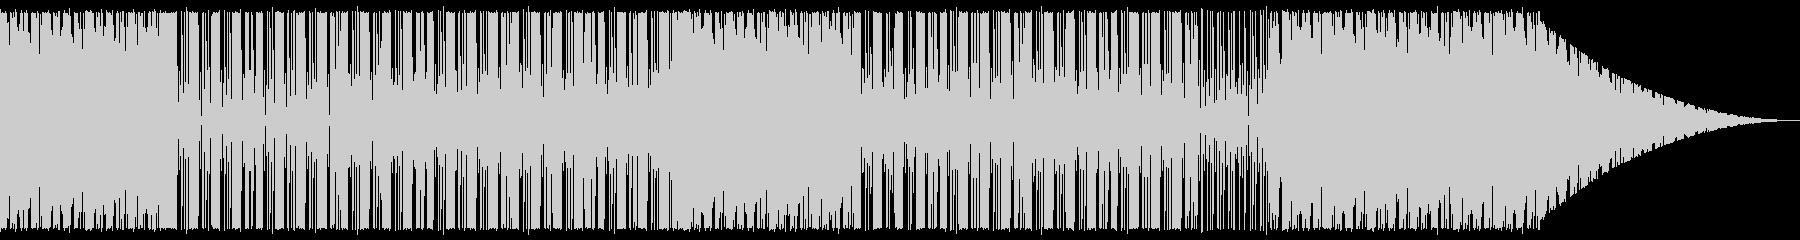 ブーンバップ・HIPHOP・レコード風の未再生の波形